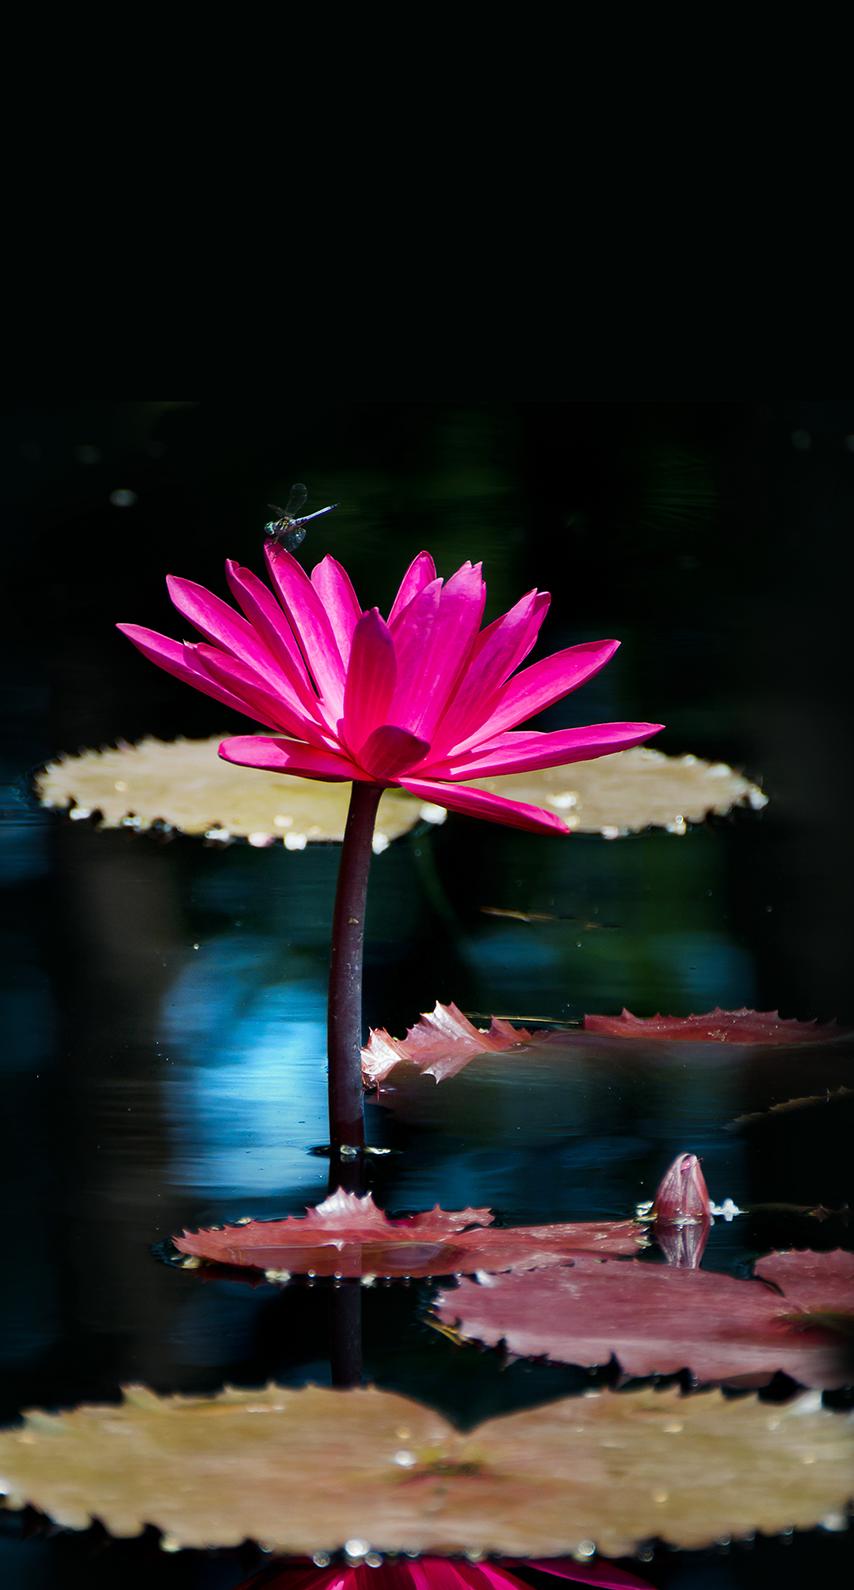 dark, beautiful, flowers, leaf, bright